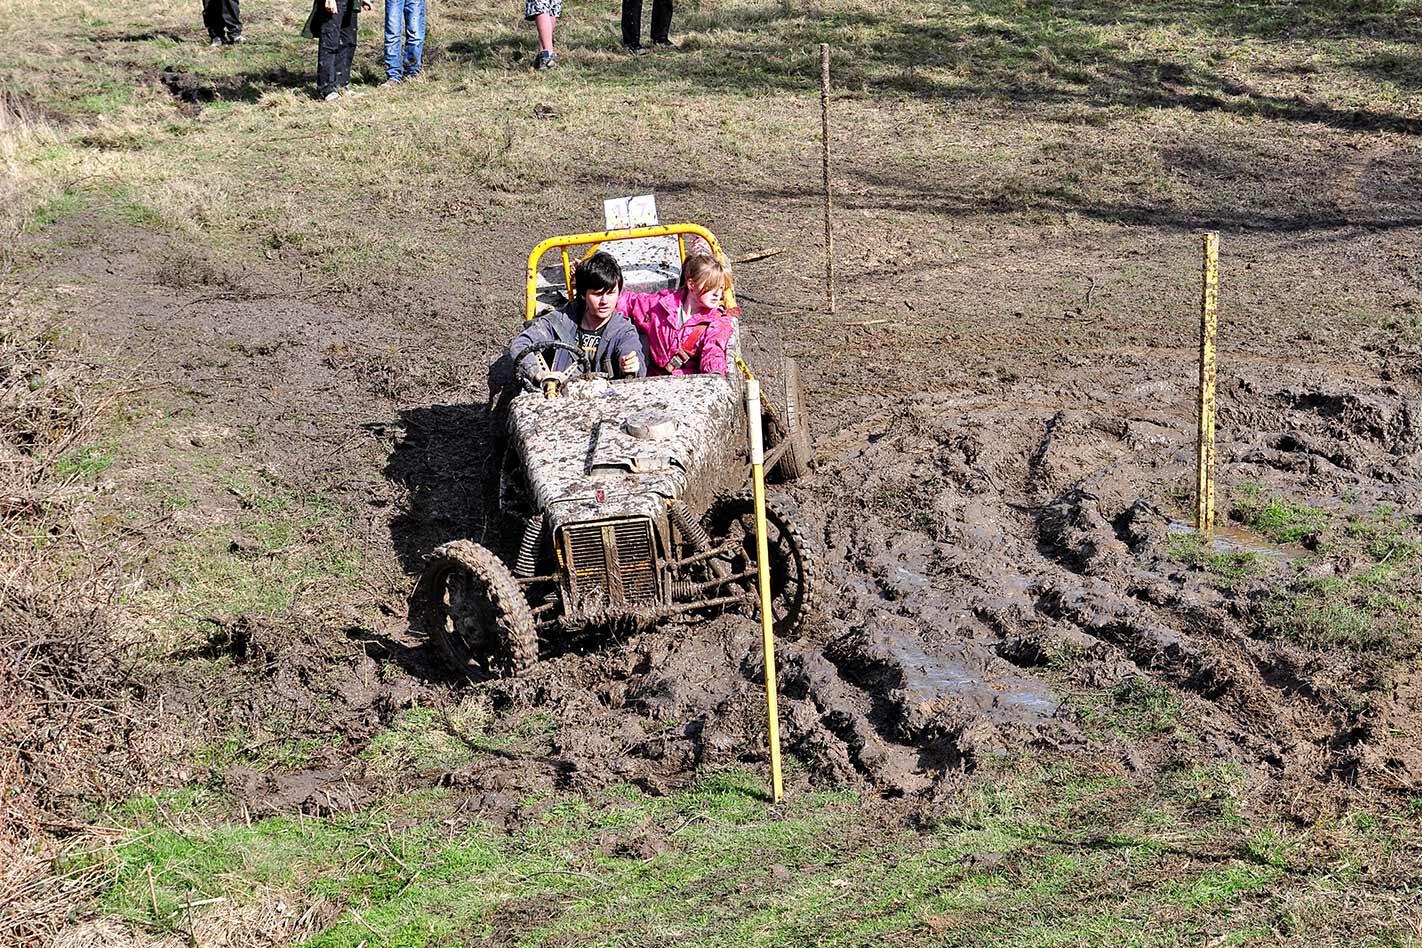 Mud trails